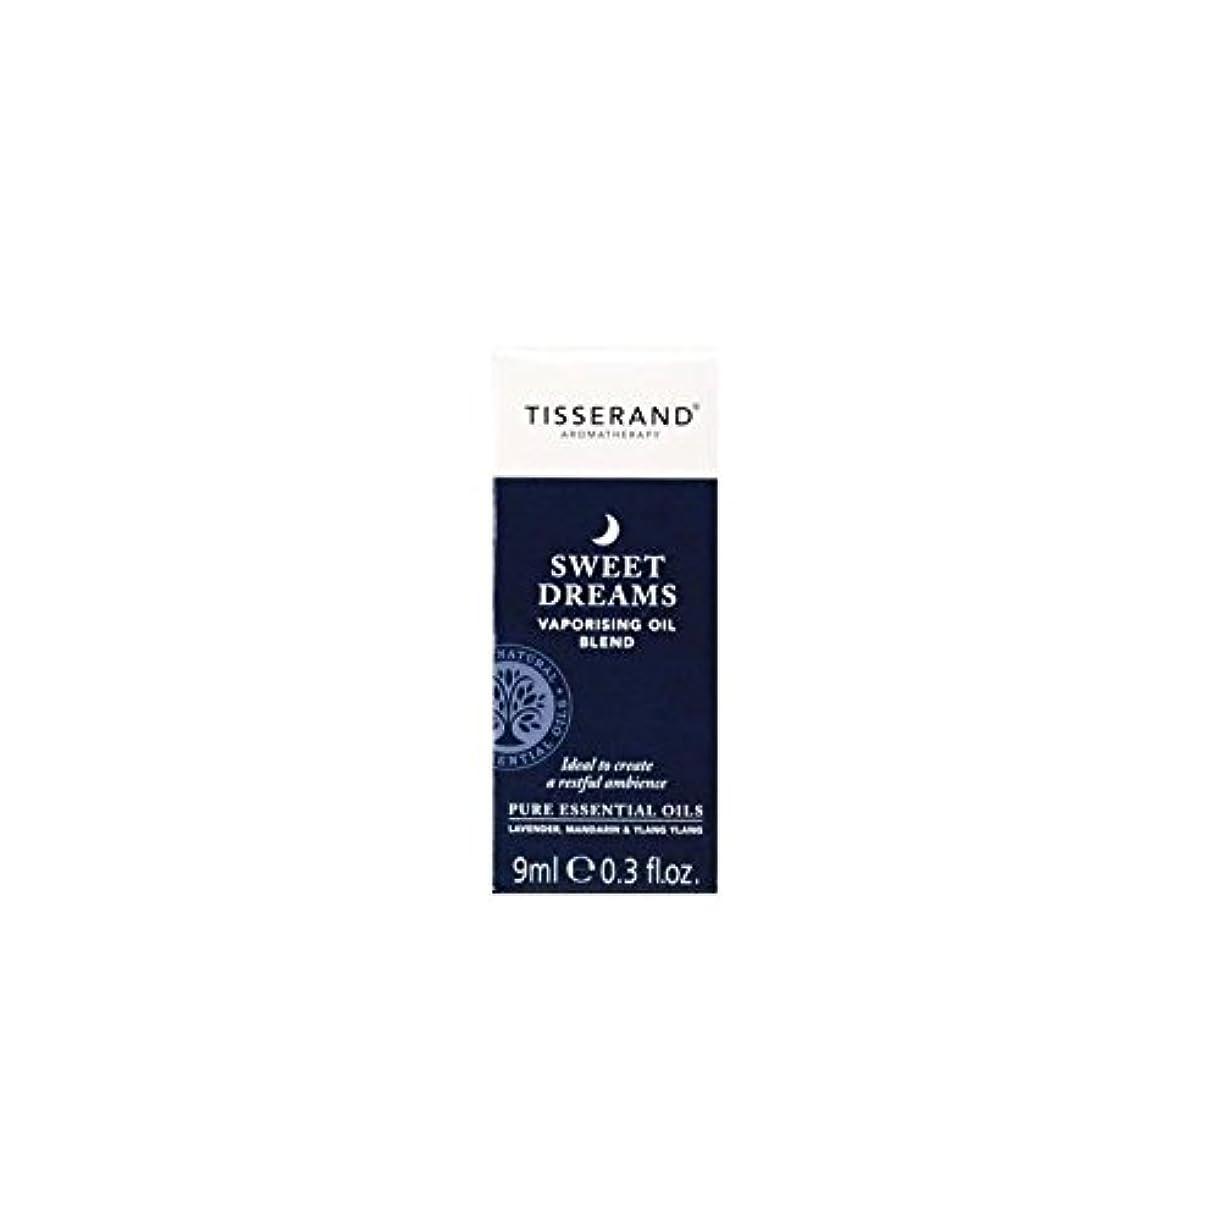 誤解する複製大オイル9ミリリットルを気化甘い夢 (Tisserand) - Tisserand Sweet Dreams Vaporising Oil 9ml [並行輸入品]